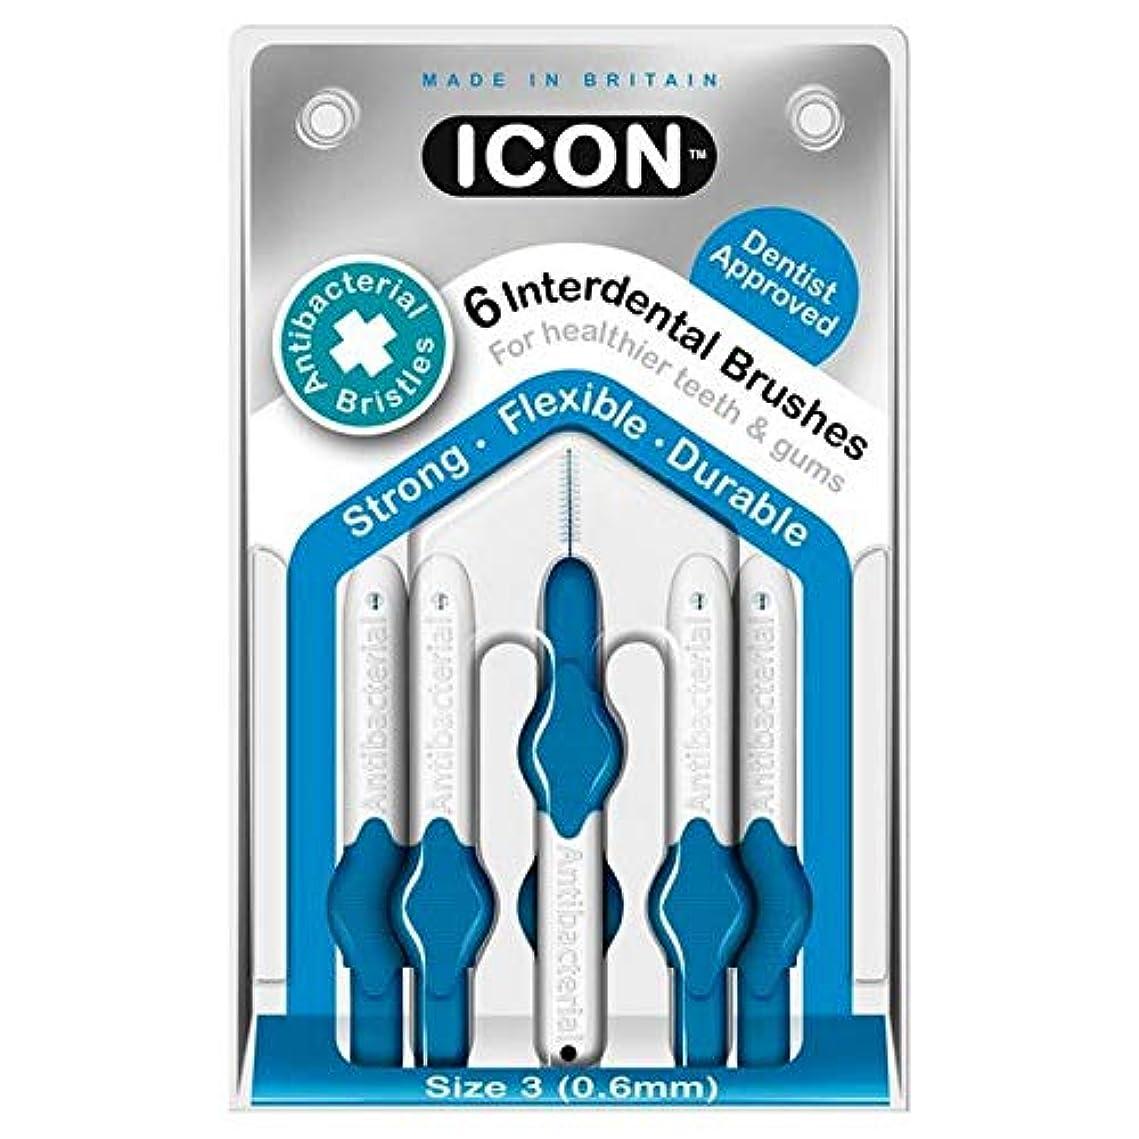 脚本家好戦的なお尻[Icon ] アイコンの歯間には、パックあたり0.6ミリメートル6ブラシ - Icon Interdental Brushes 0.6mm 6 per pack [並行輸入品]